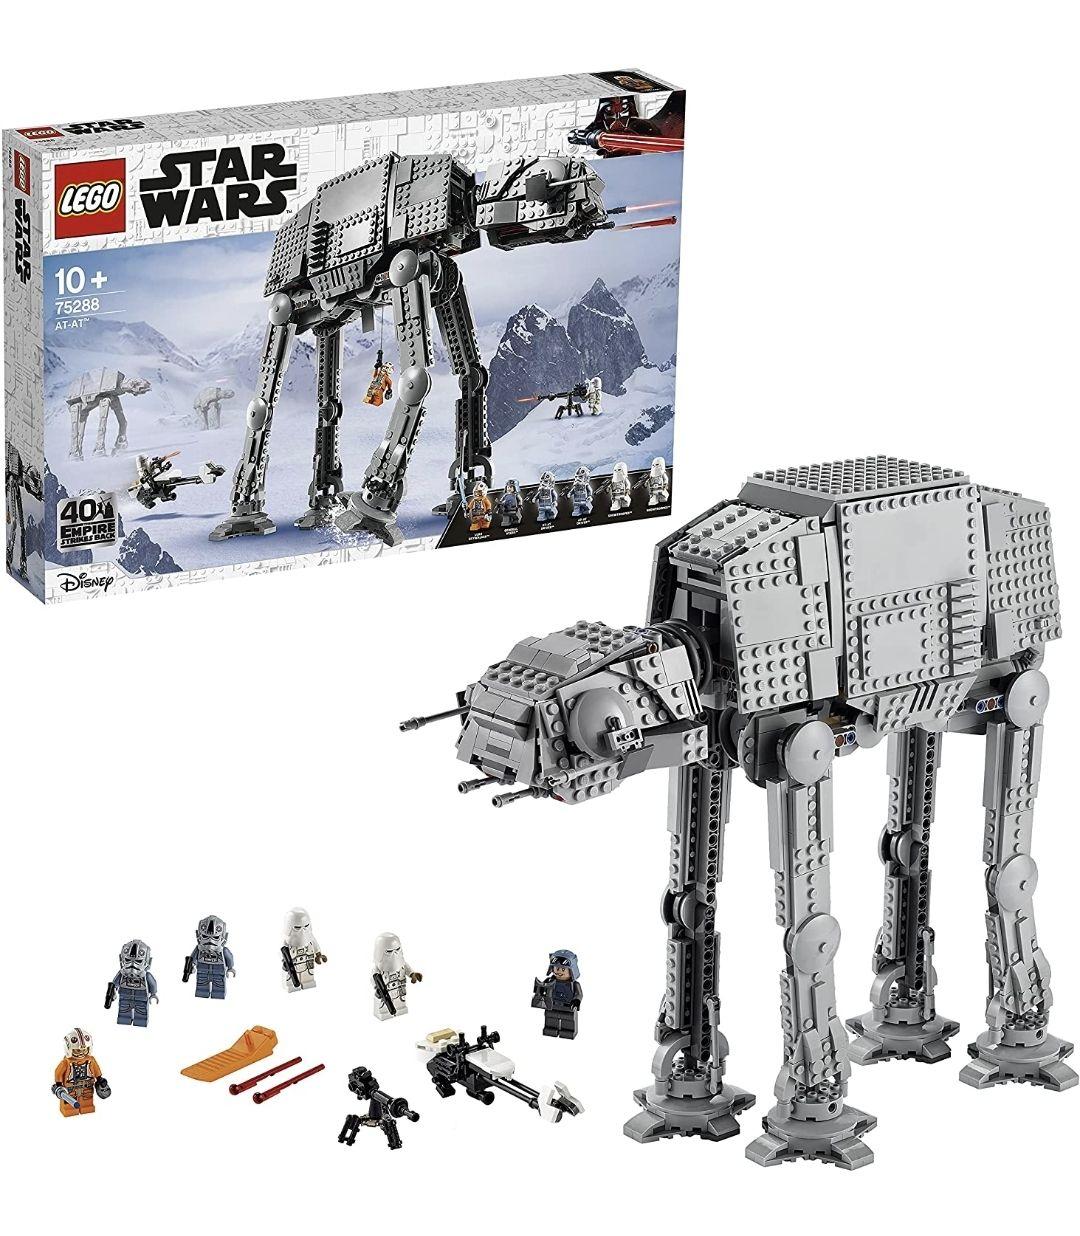 [Prime] Jeu de construction Lego Star Wars (75288) - AT-AT